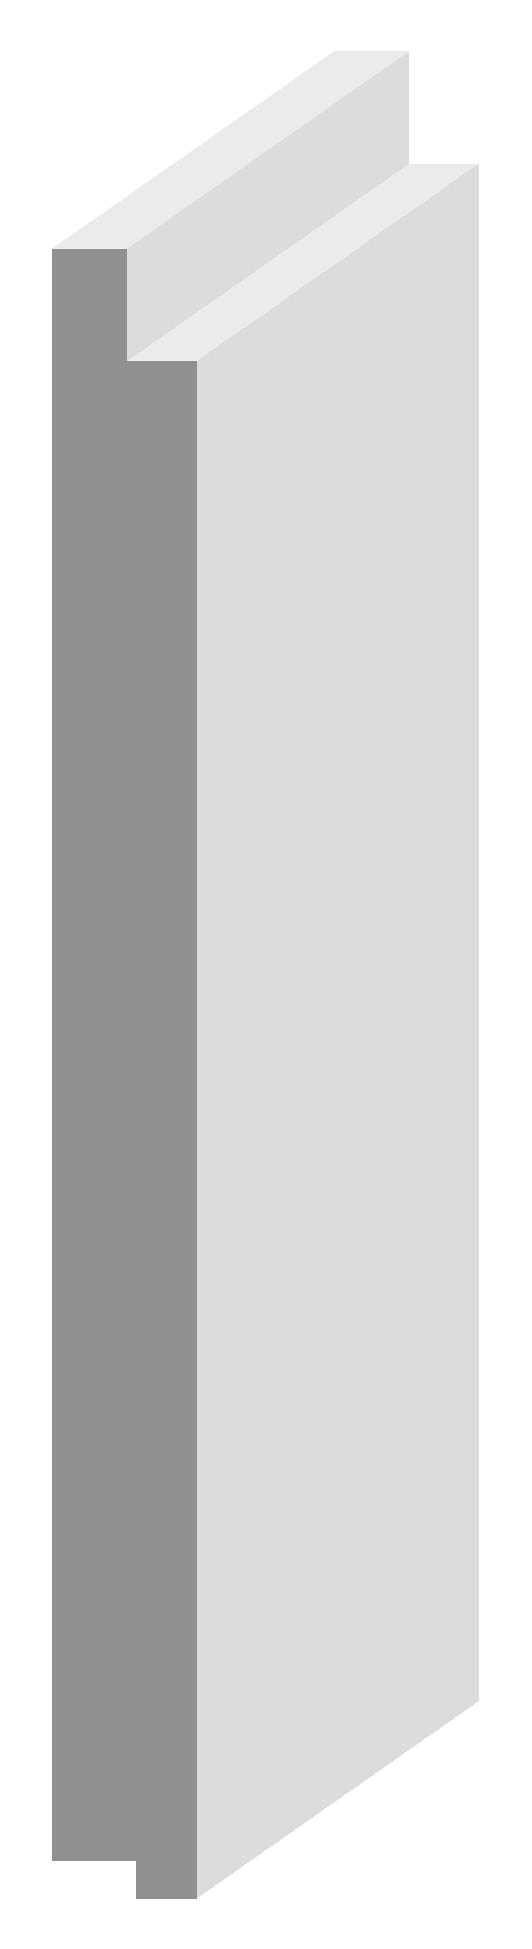 H889A